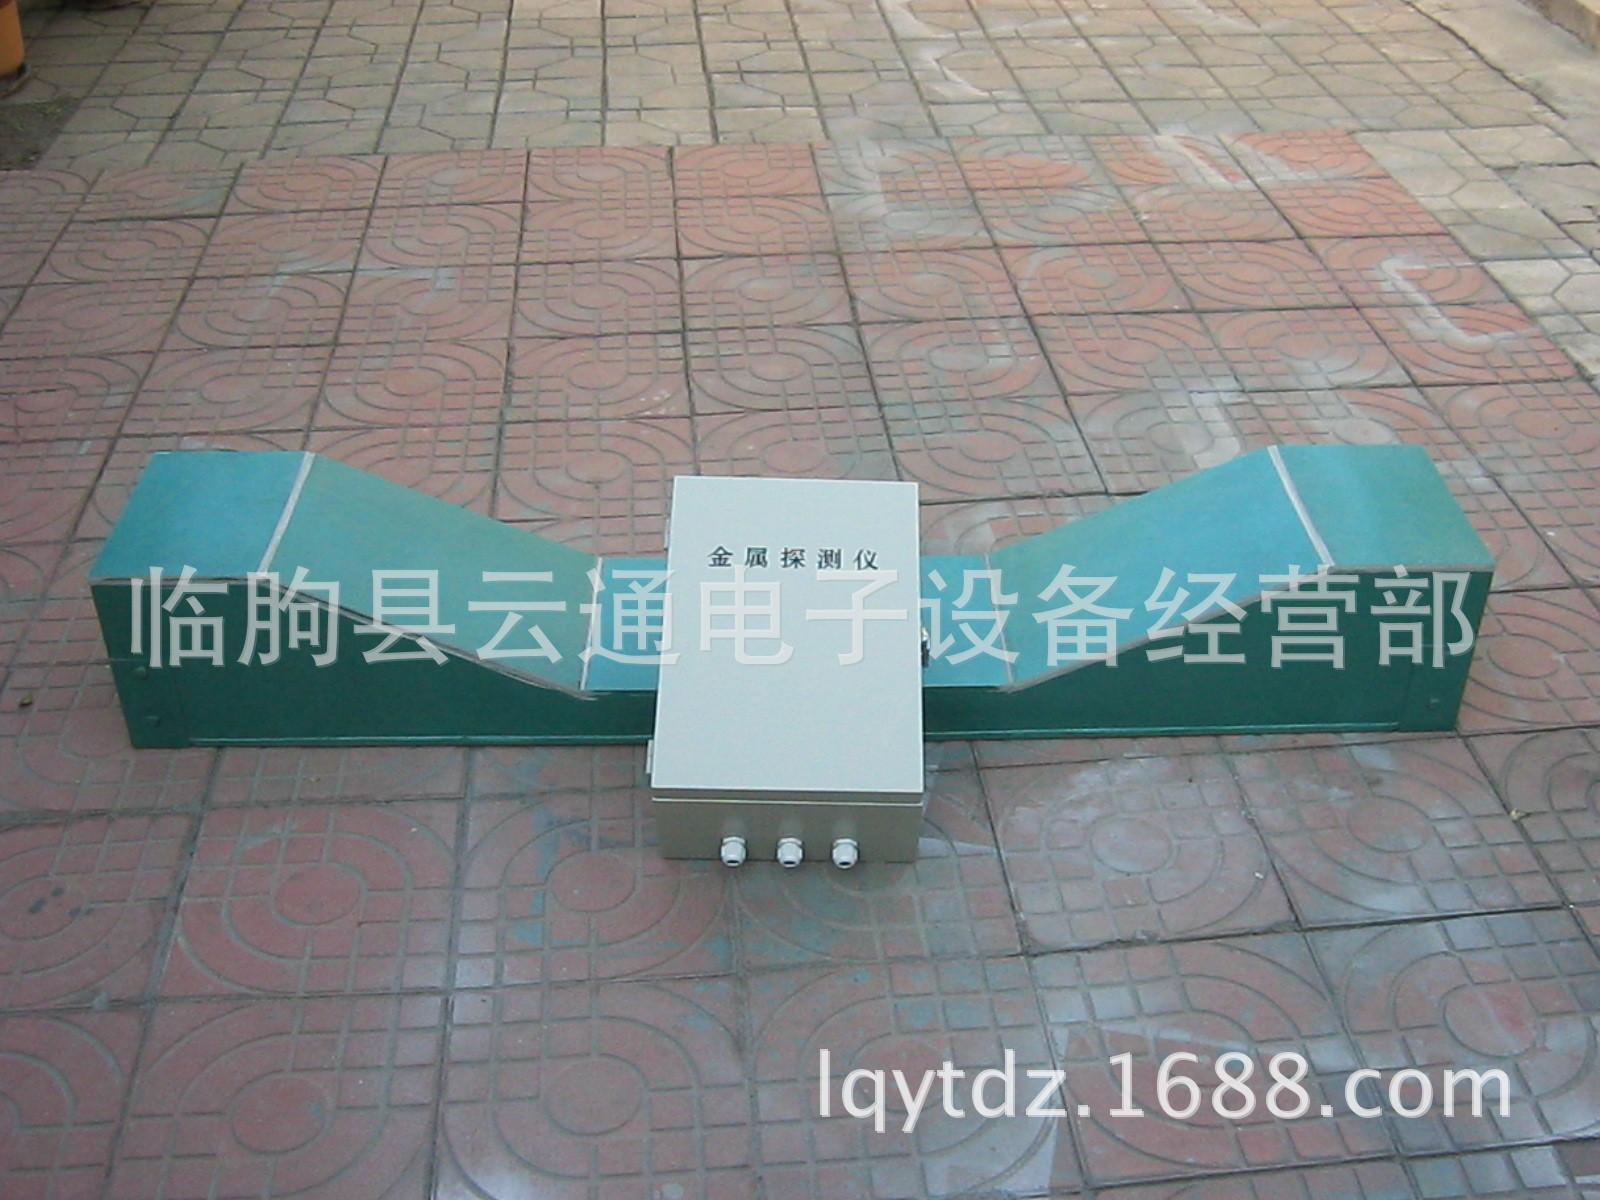 厂家供应 金属探测仪 型号GJT-2F-650 质量保证